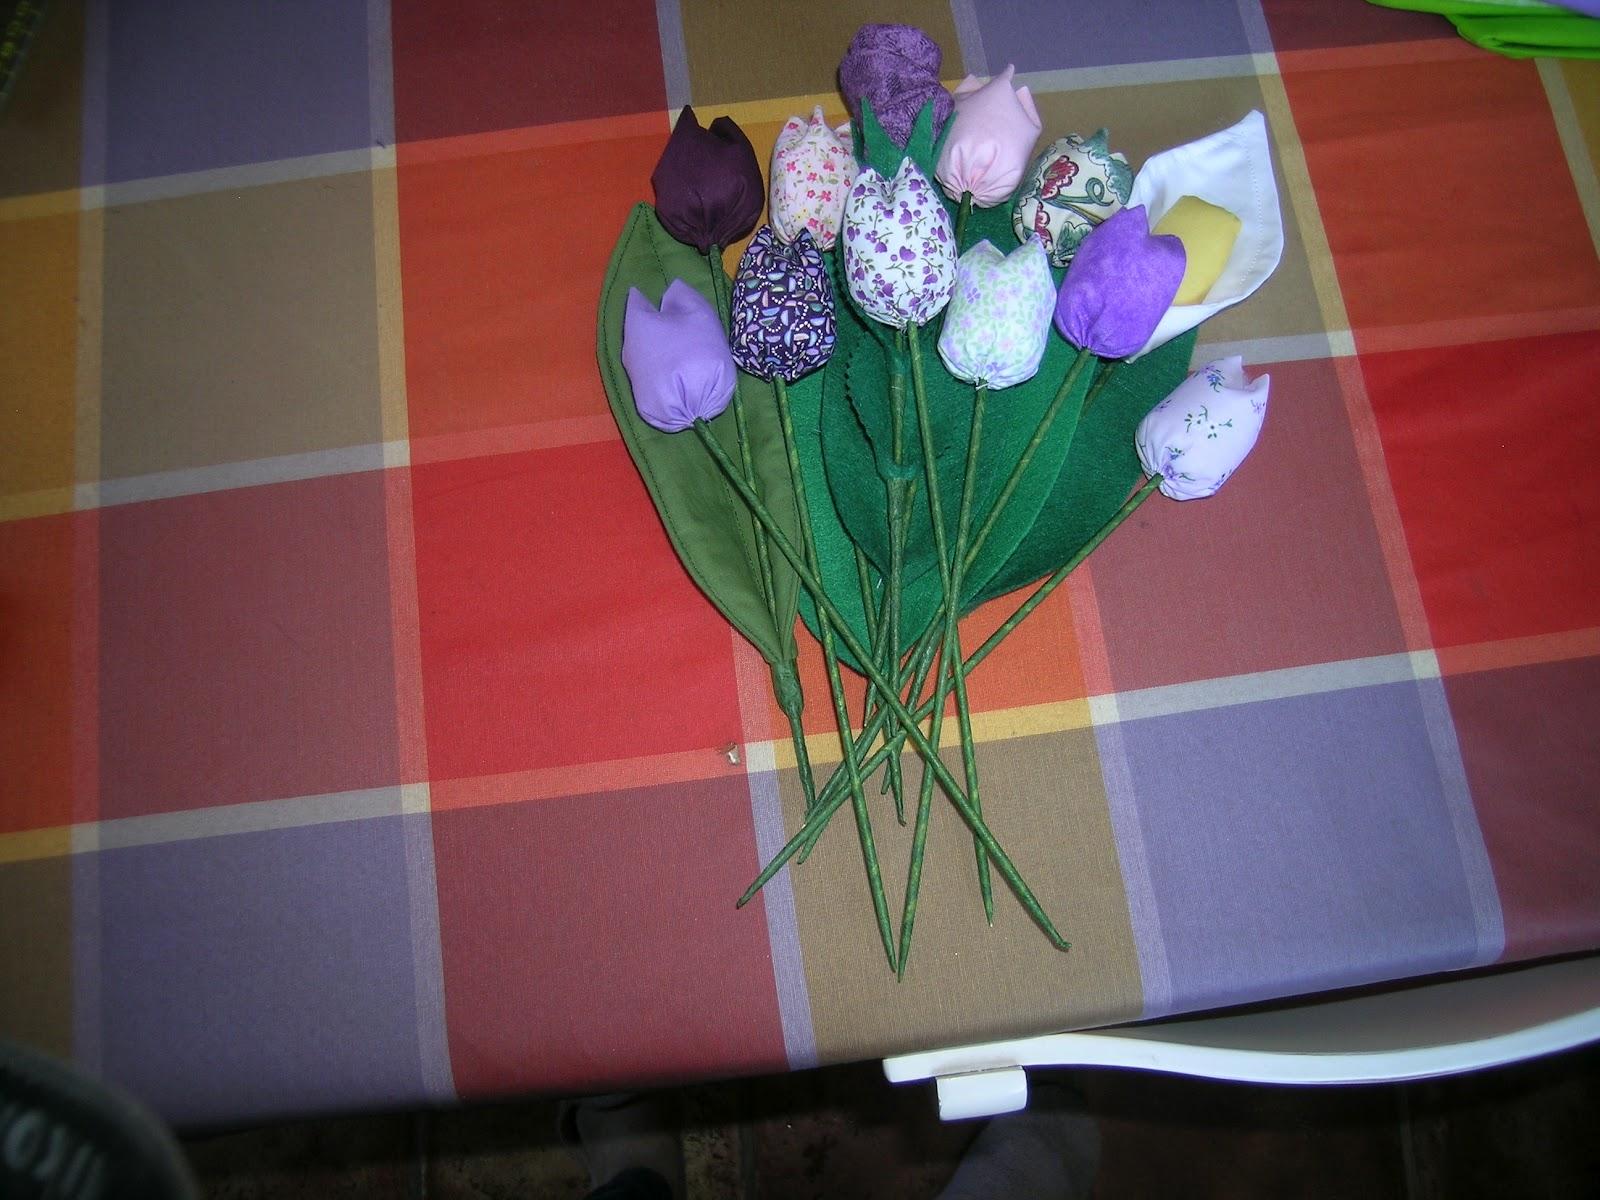 Labores artesanas llega la primavera - Almazuelas patrones gratis ...